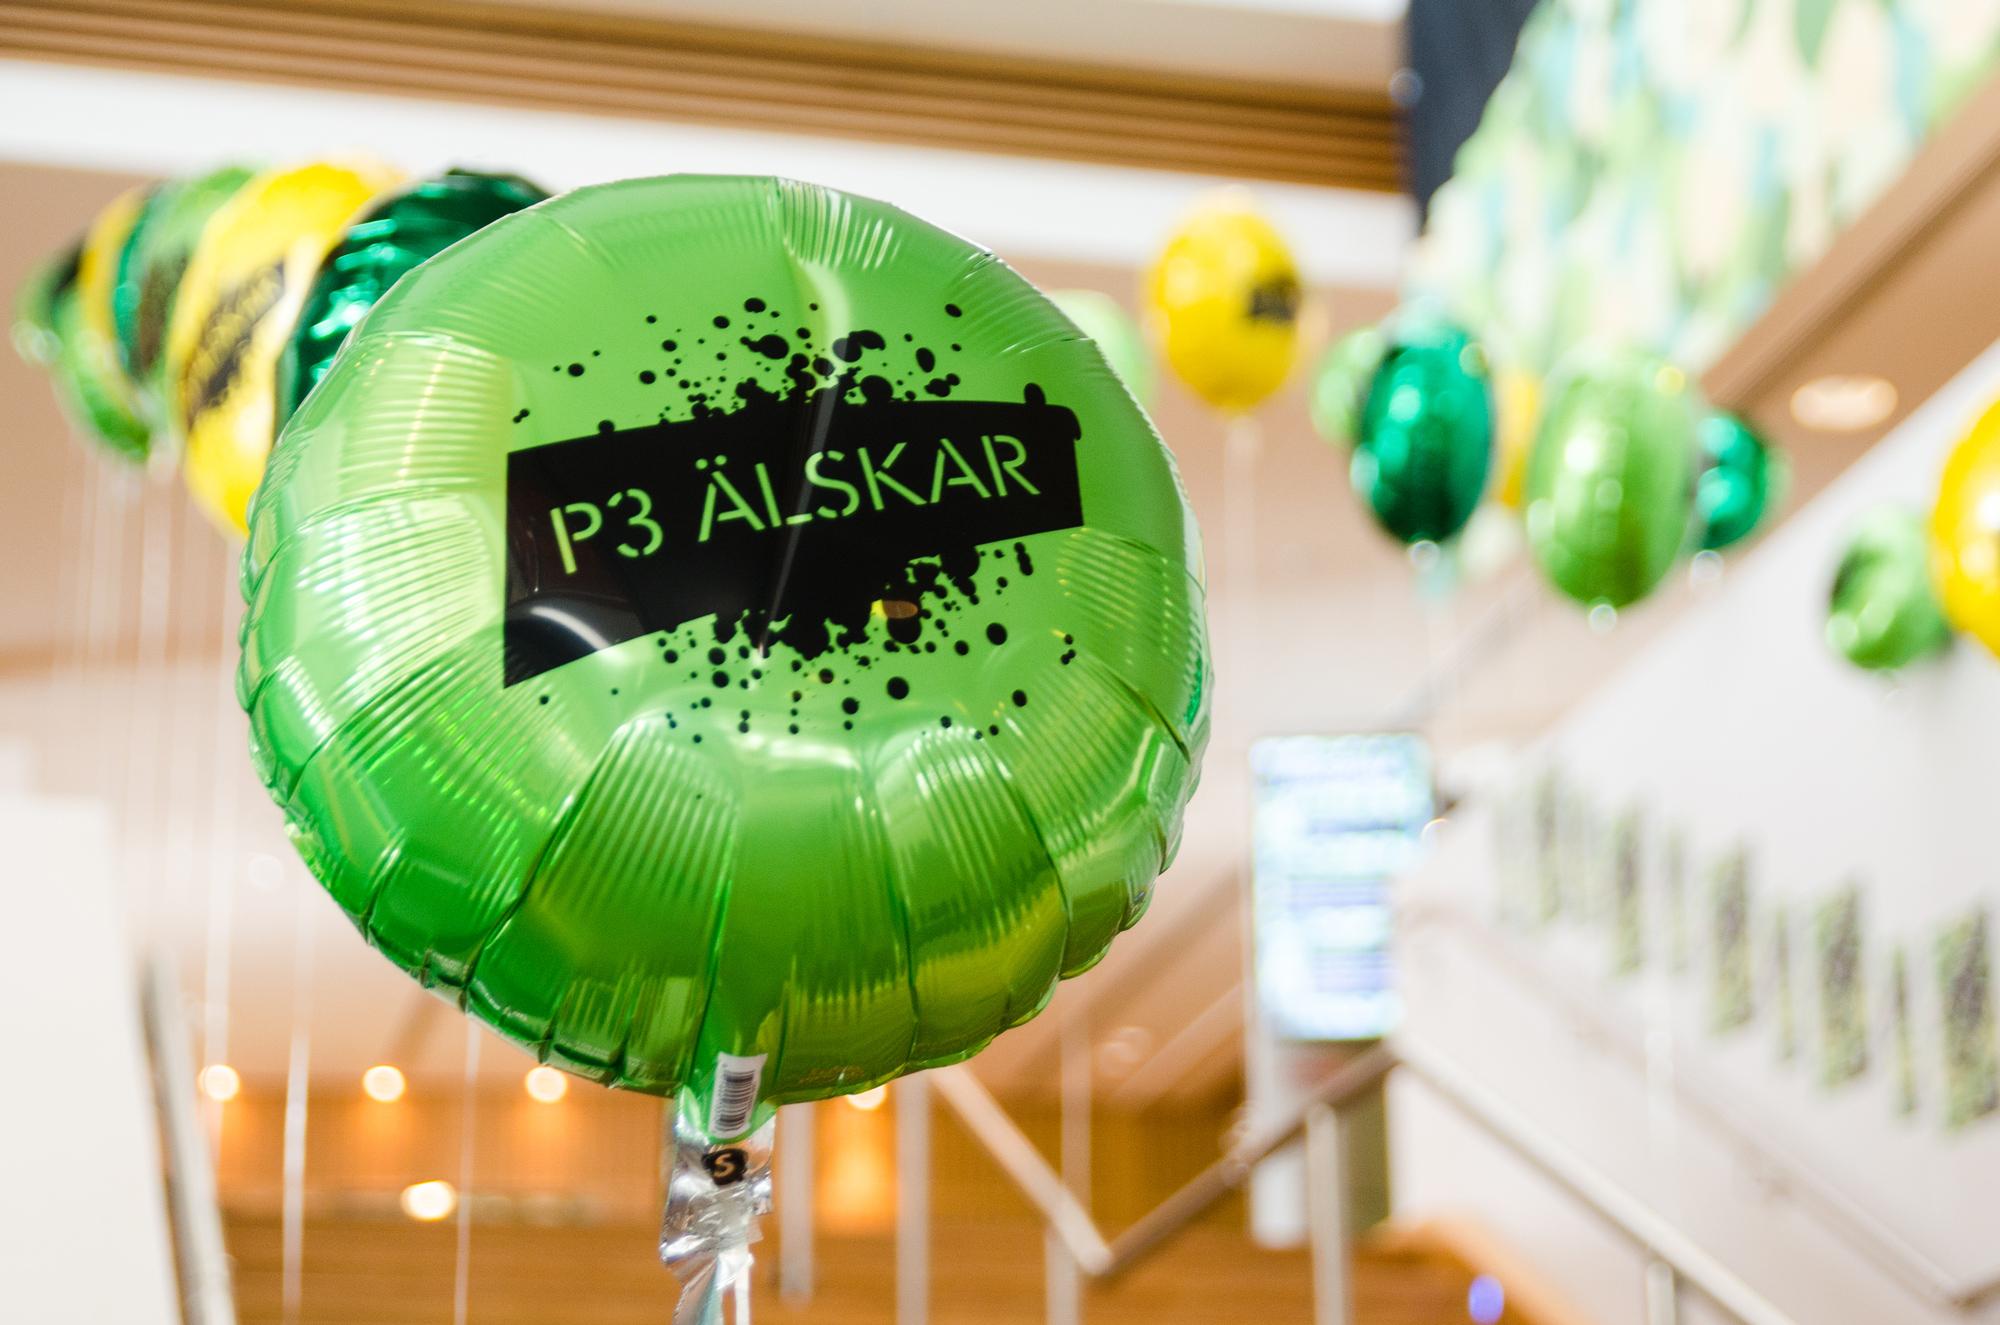 P3 Älskar Luleå på Kulturens hus